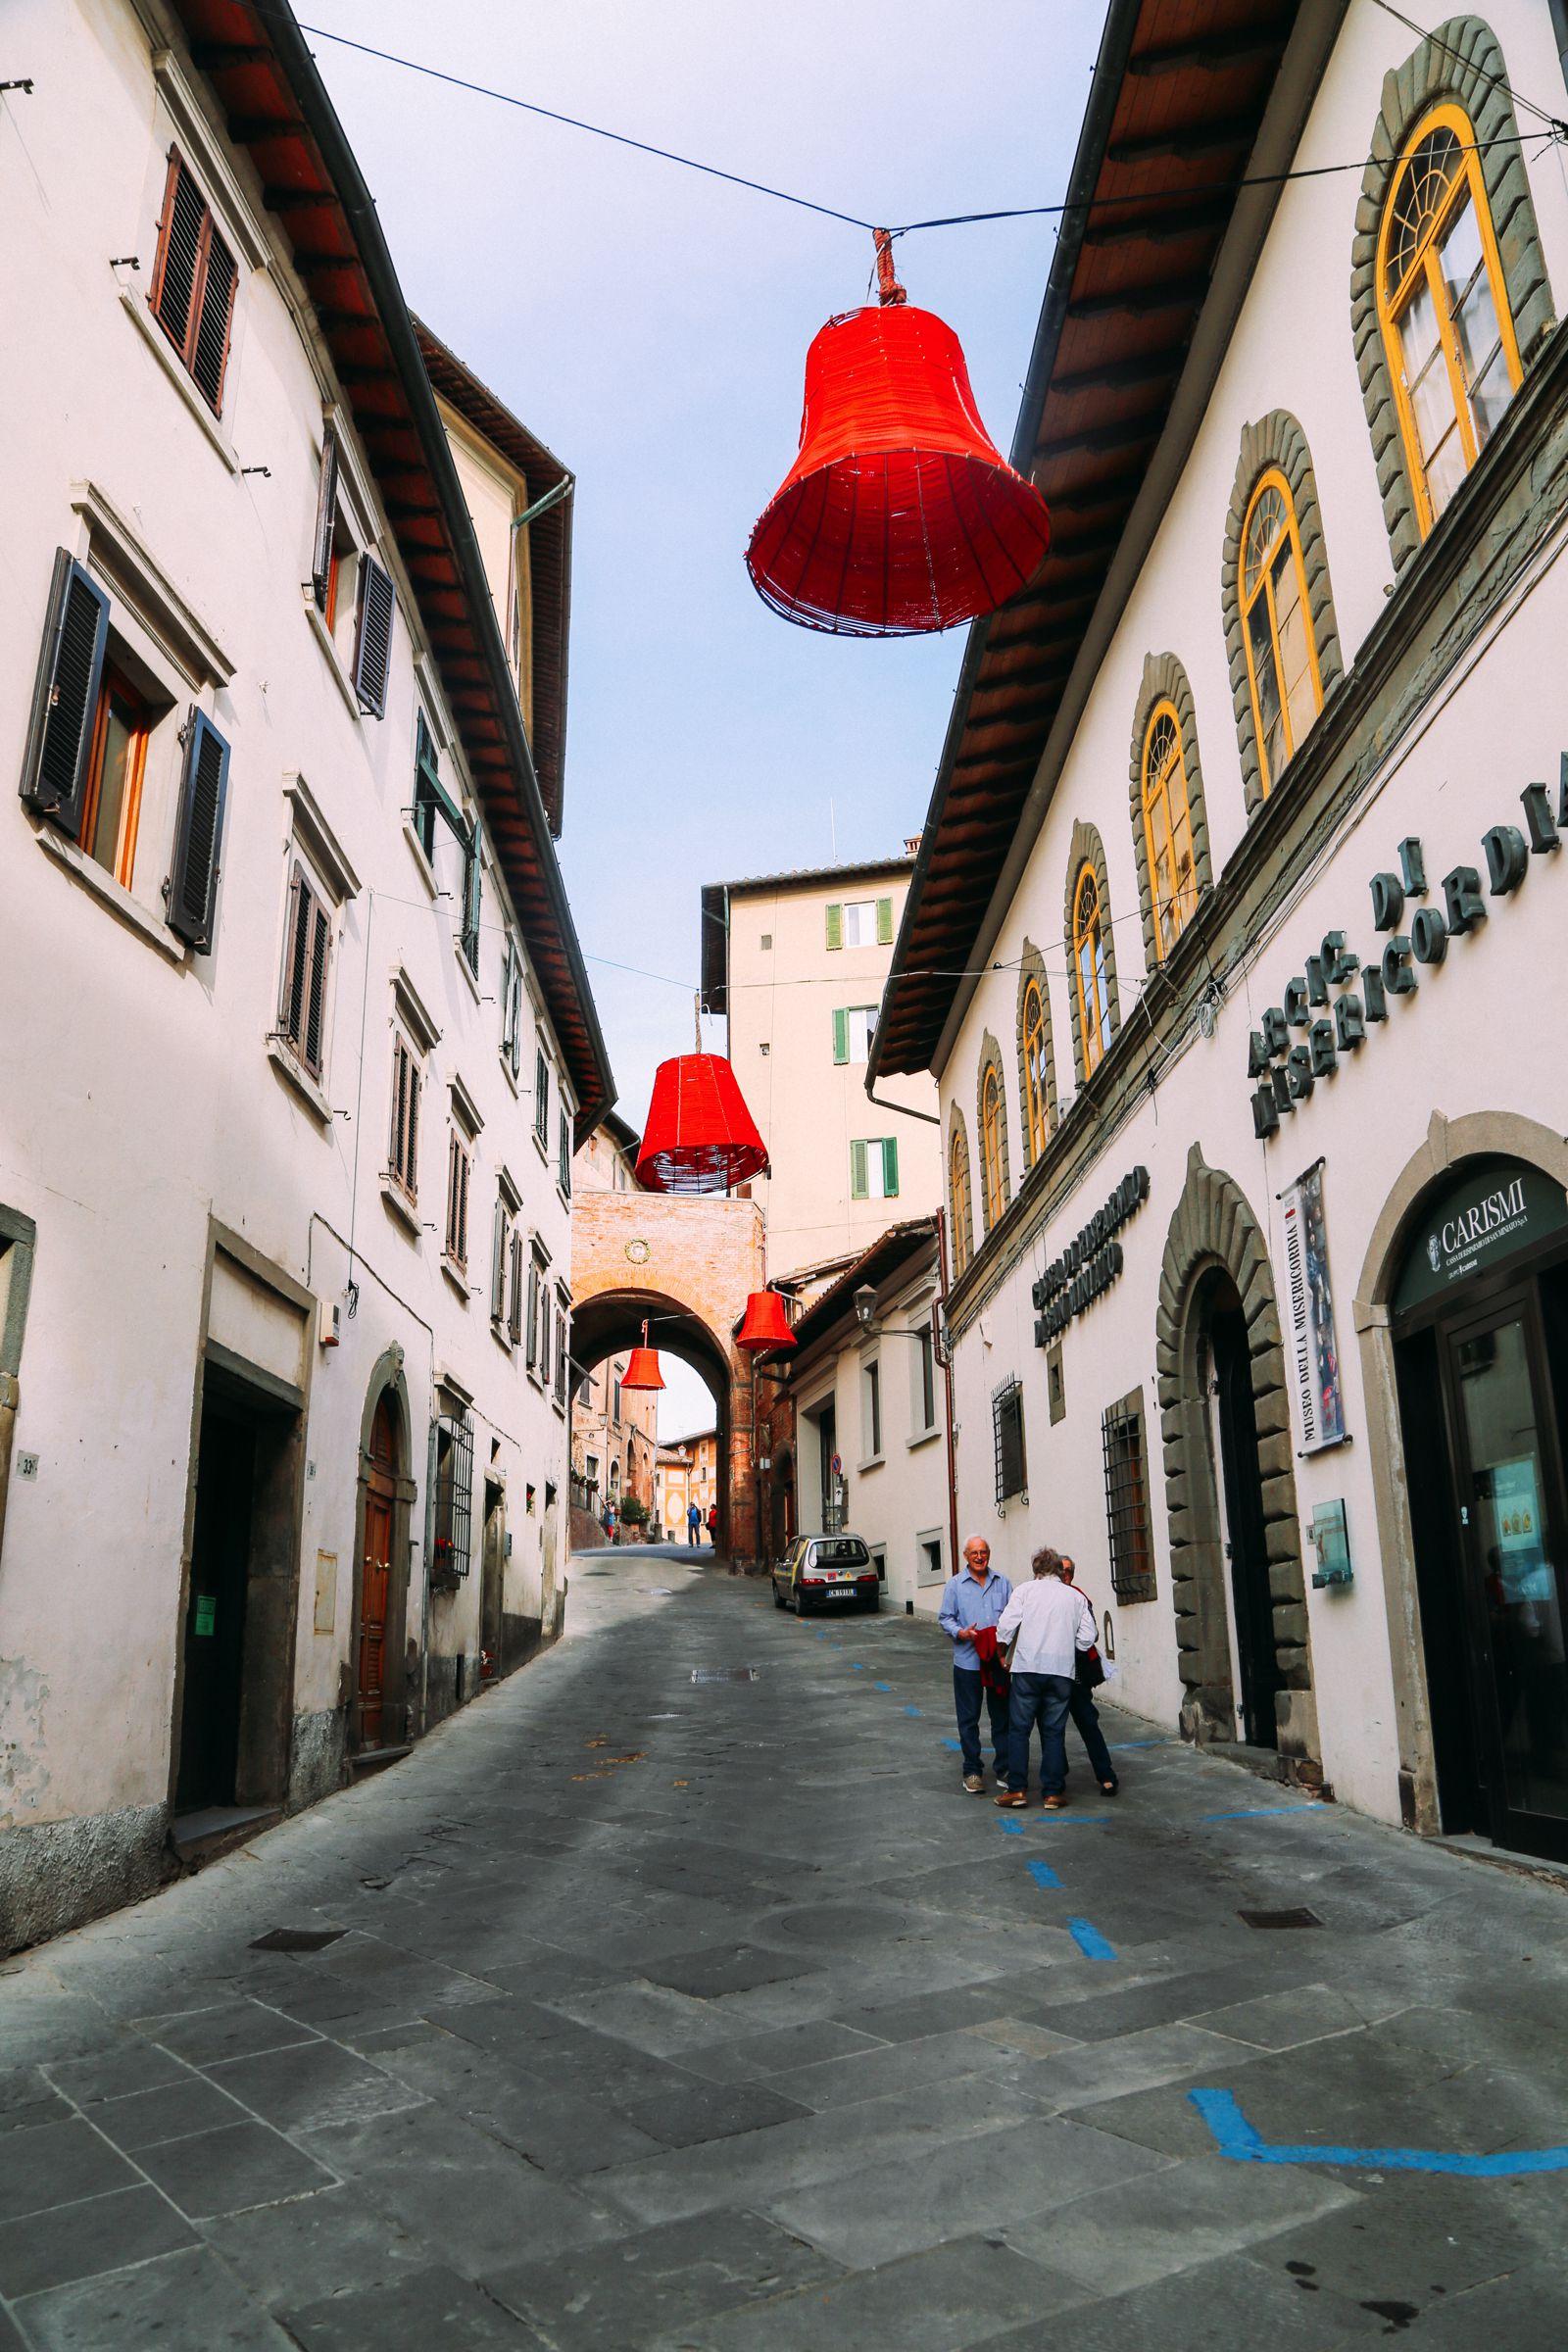 The Beautiful Tuscan Town Of San Miniato, Italy (19)